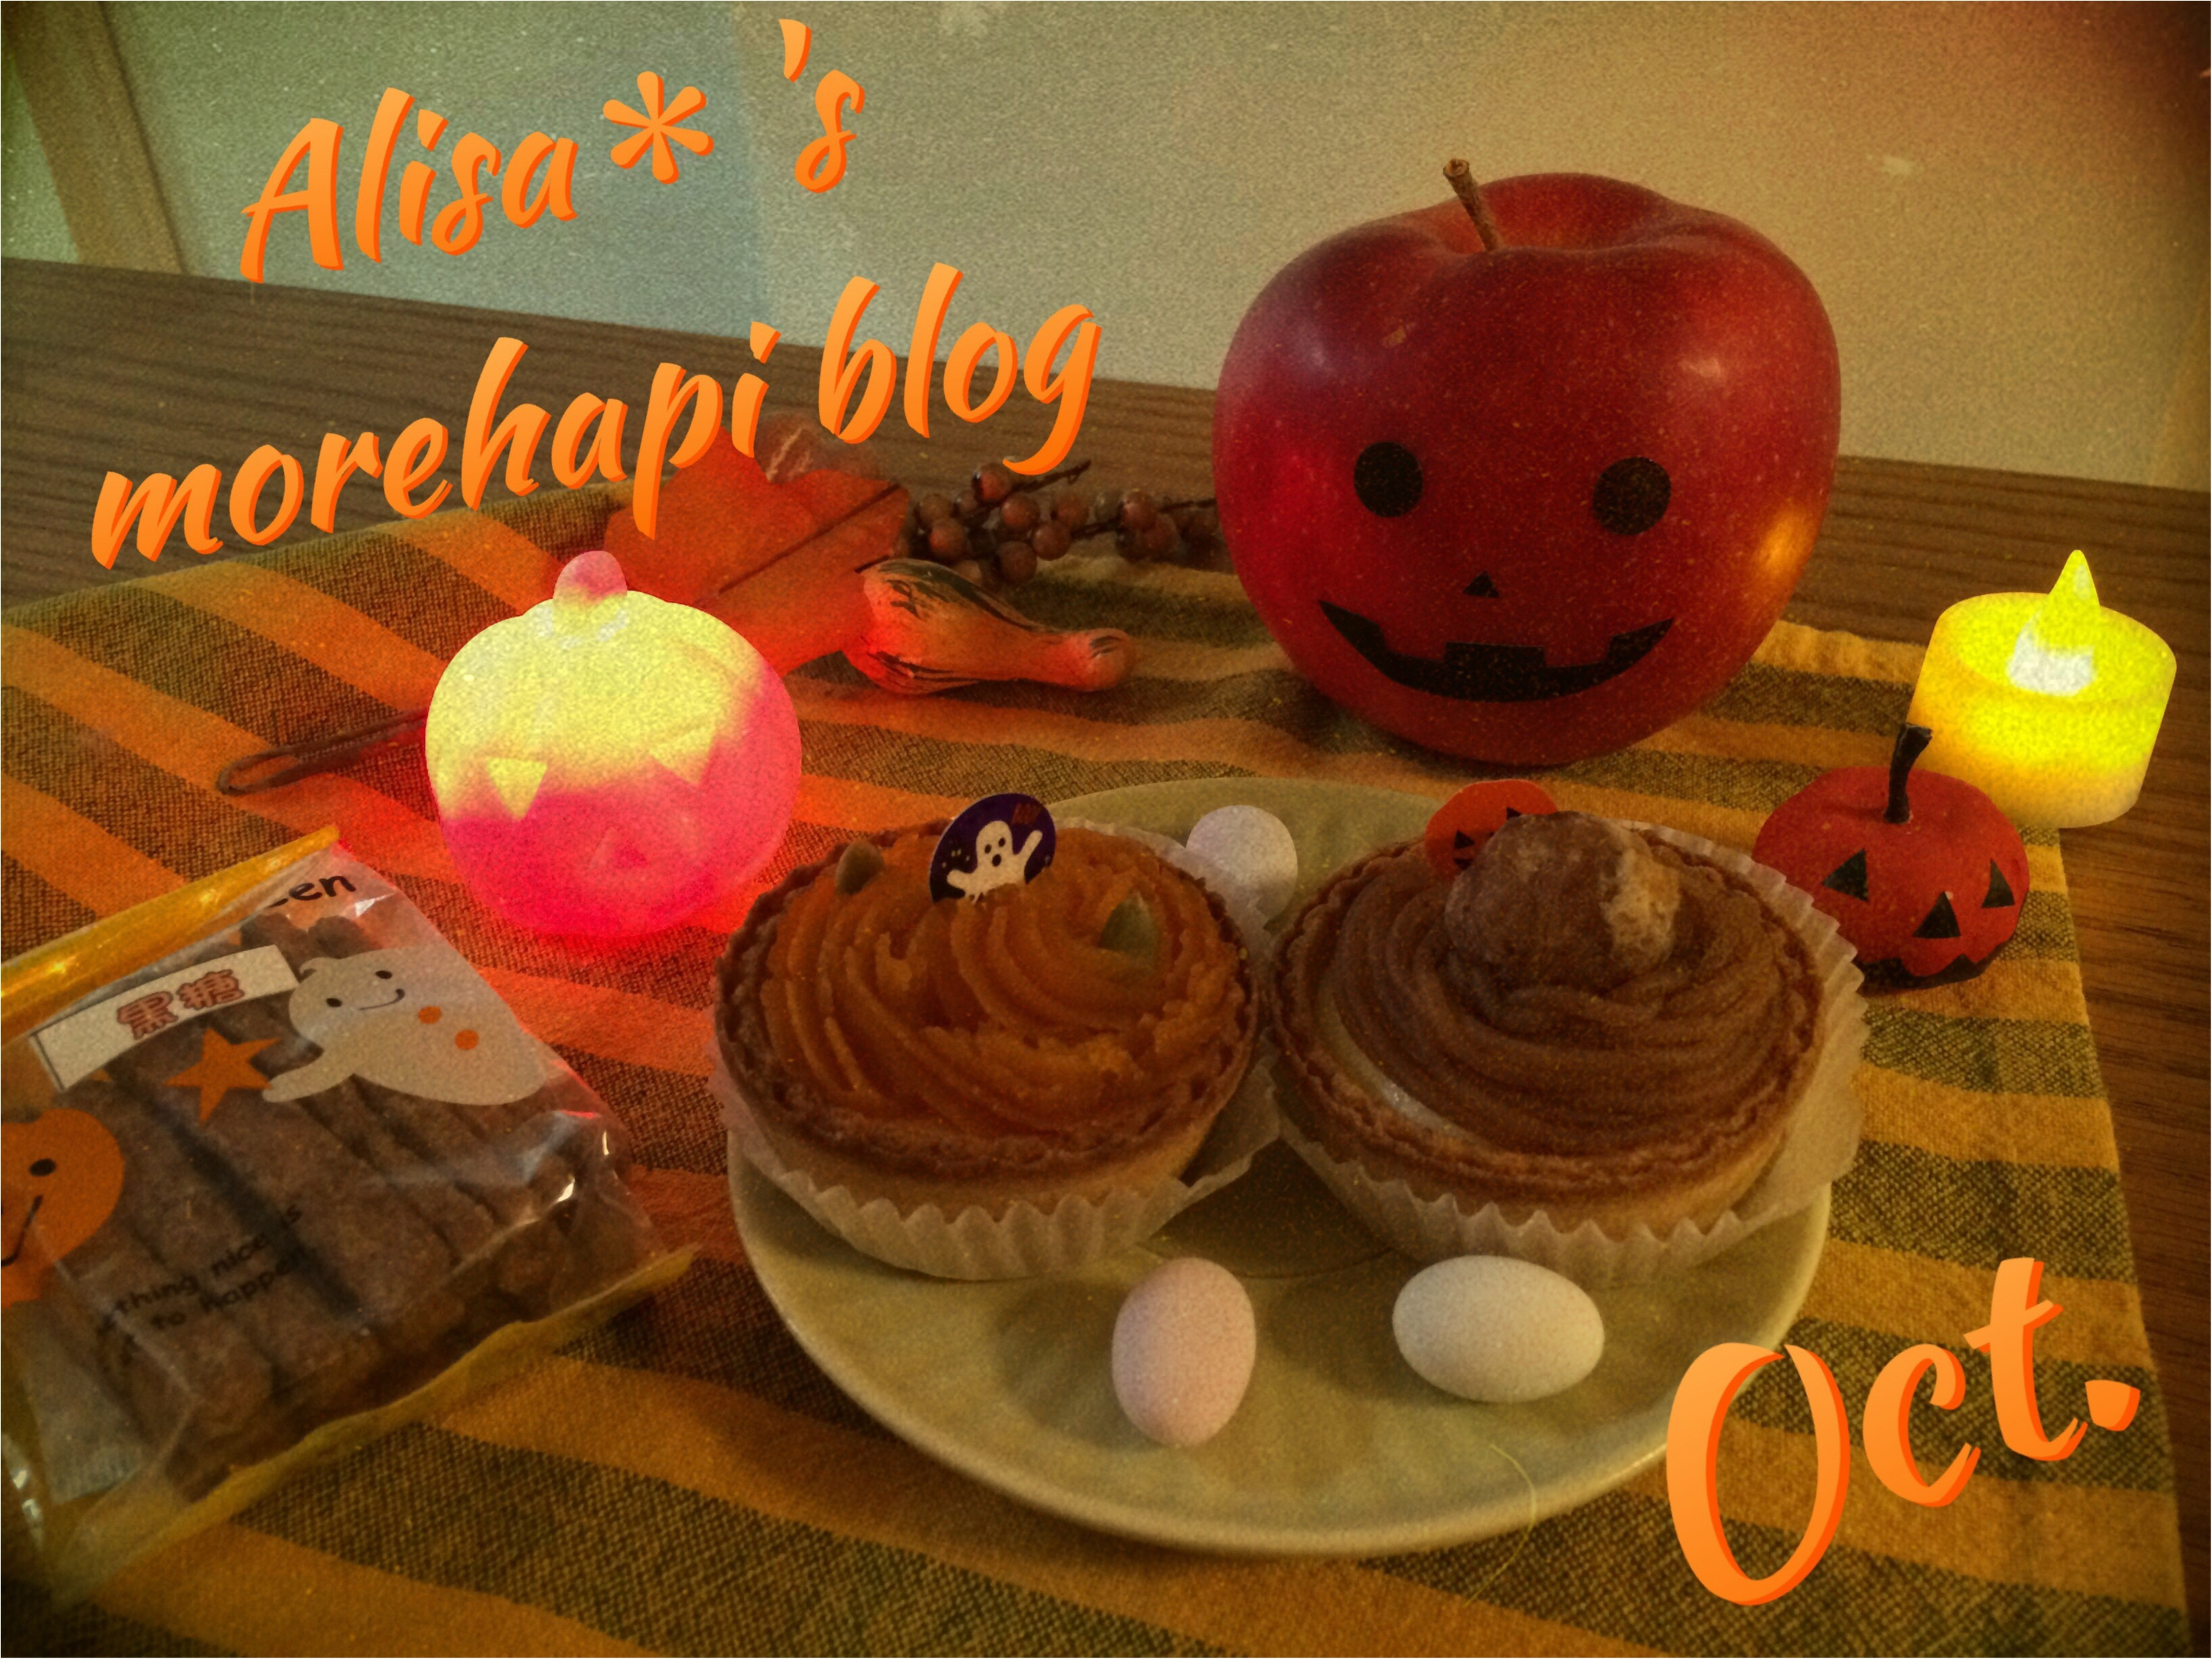 【秋Sweets♡】BAKE発『RINGO』アップルパイ専門店!焼きたてが大阪進出!美味しい食べ方も伝授♡_1